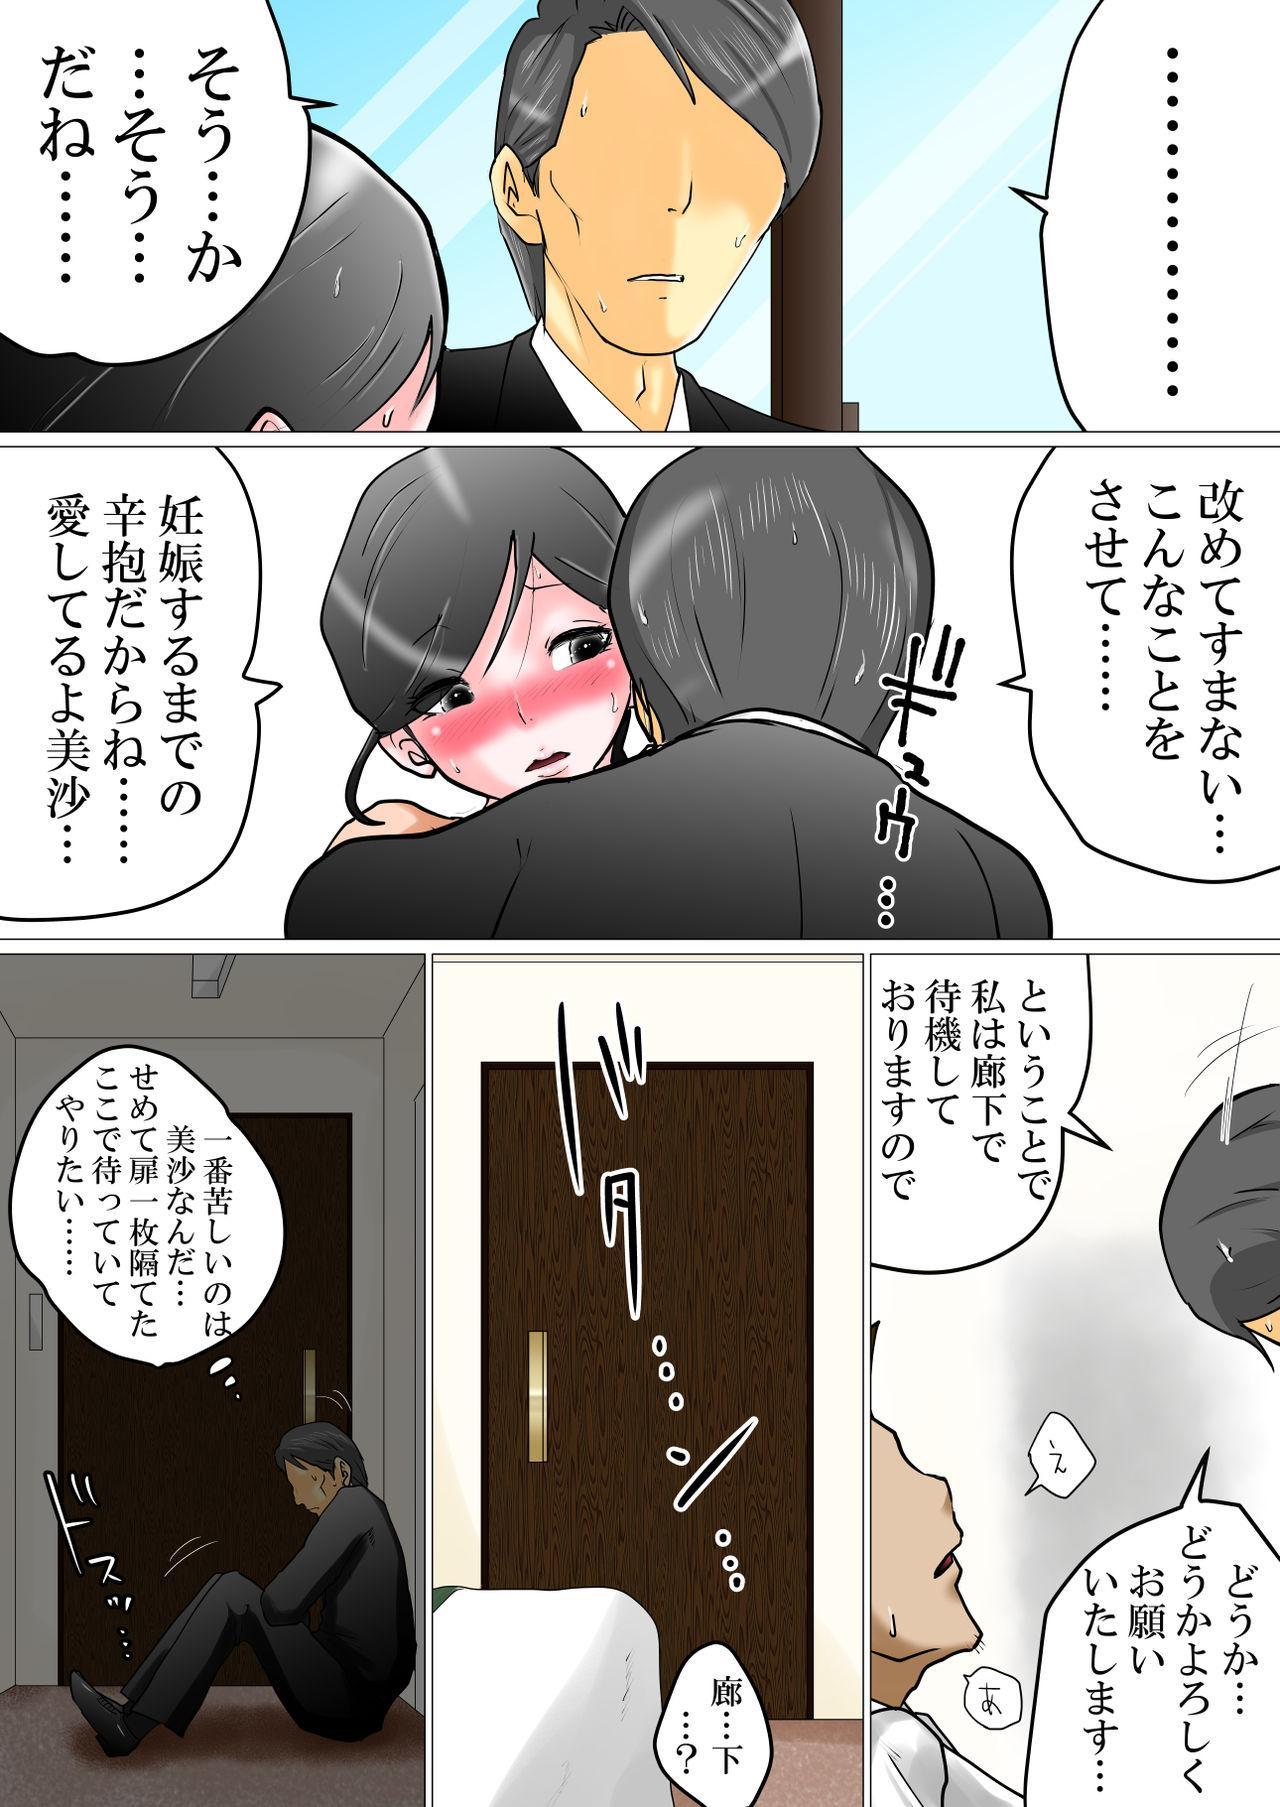 Tanetsuke Irai ~Funin ni Nayamu Fuufu ni Nakadashi o Irai Sareta Benriya no Hanashi 6